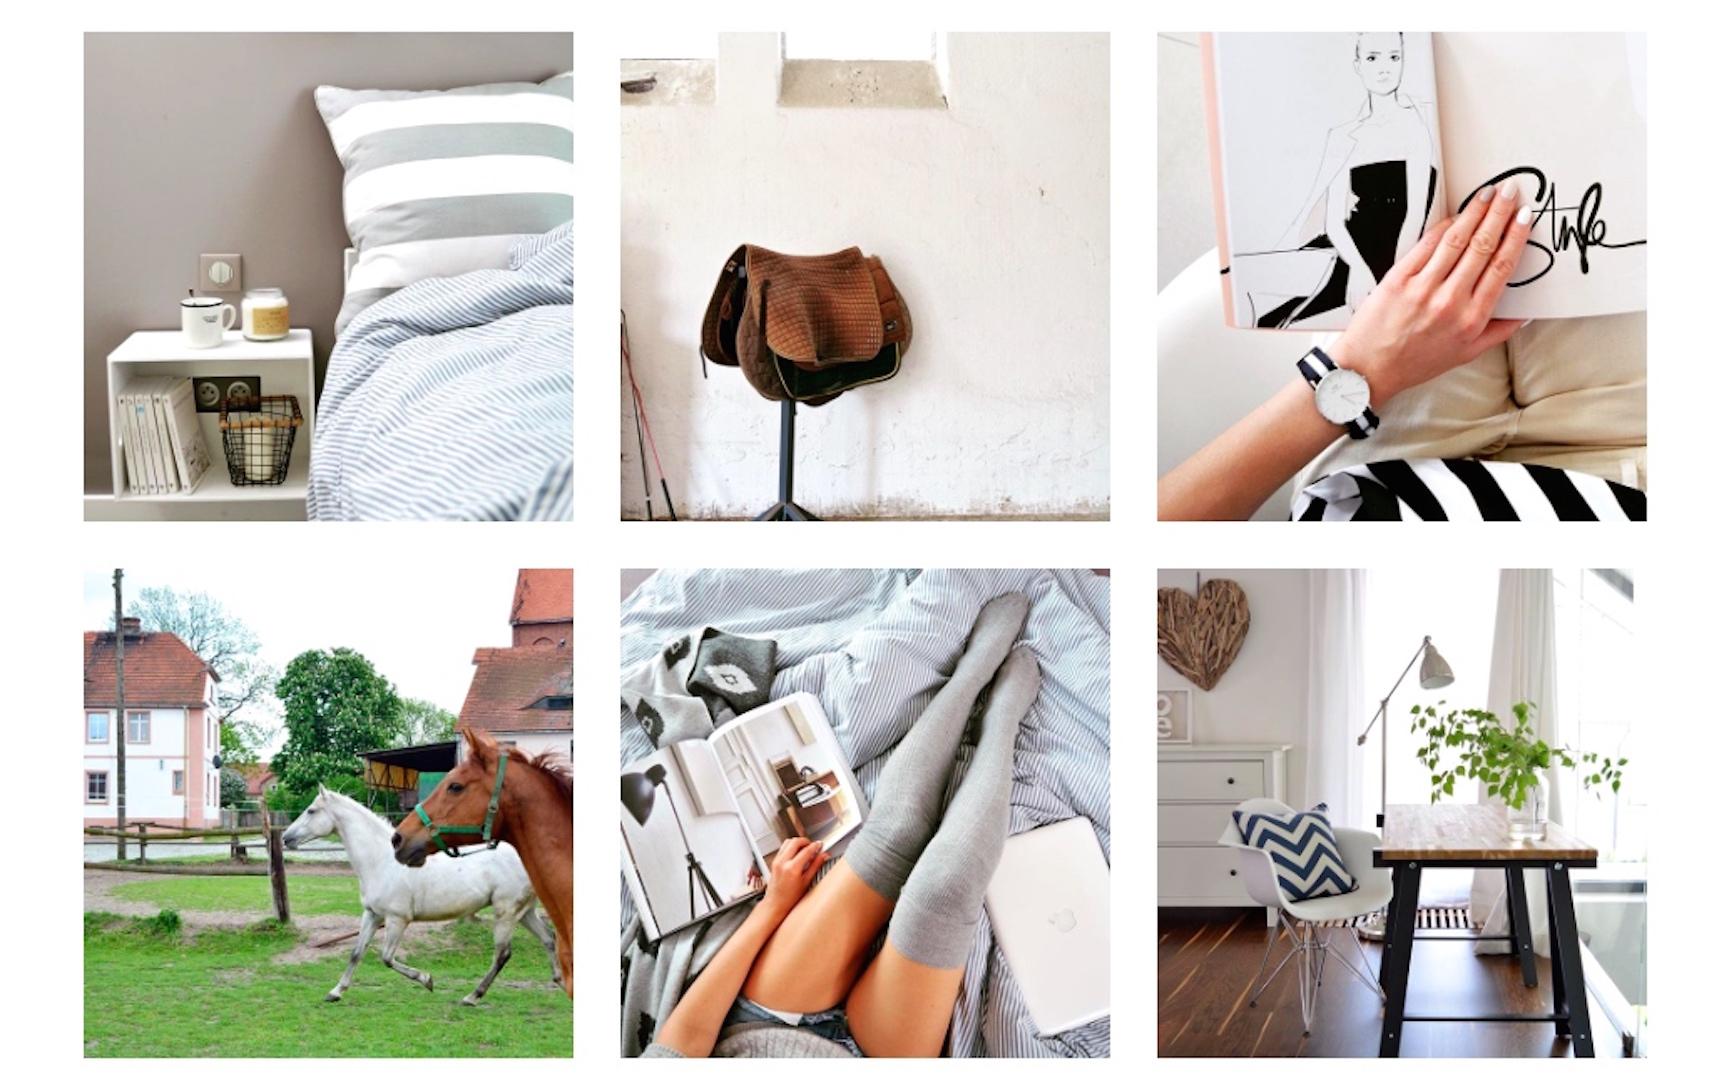 Instagram zdjęcia obserwatorzy spójność, instagram, jak zdobyć obserwatorów na ig, rozgryźć instagram